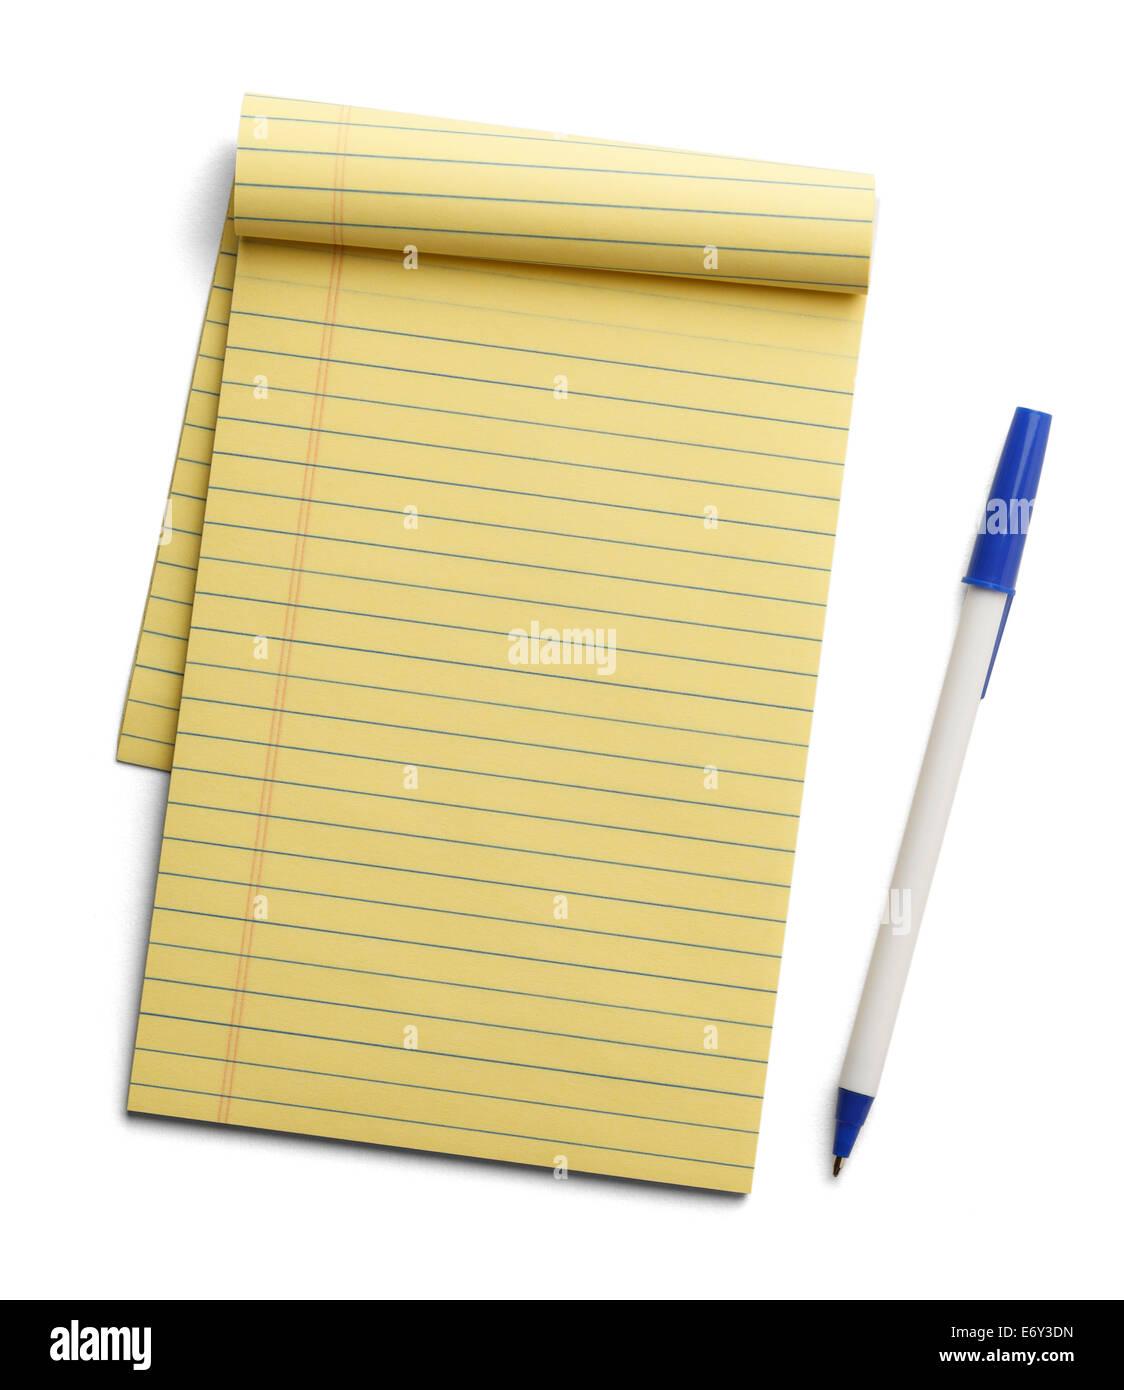 Note Pad Amarillo con pluma azul junto a ella aislado sobre fondo blanco. Imagen De Stock